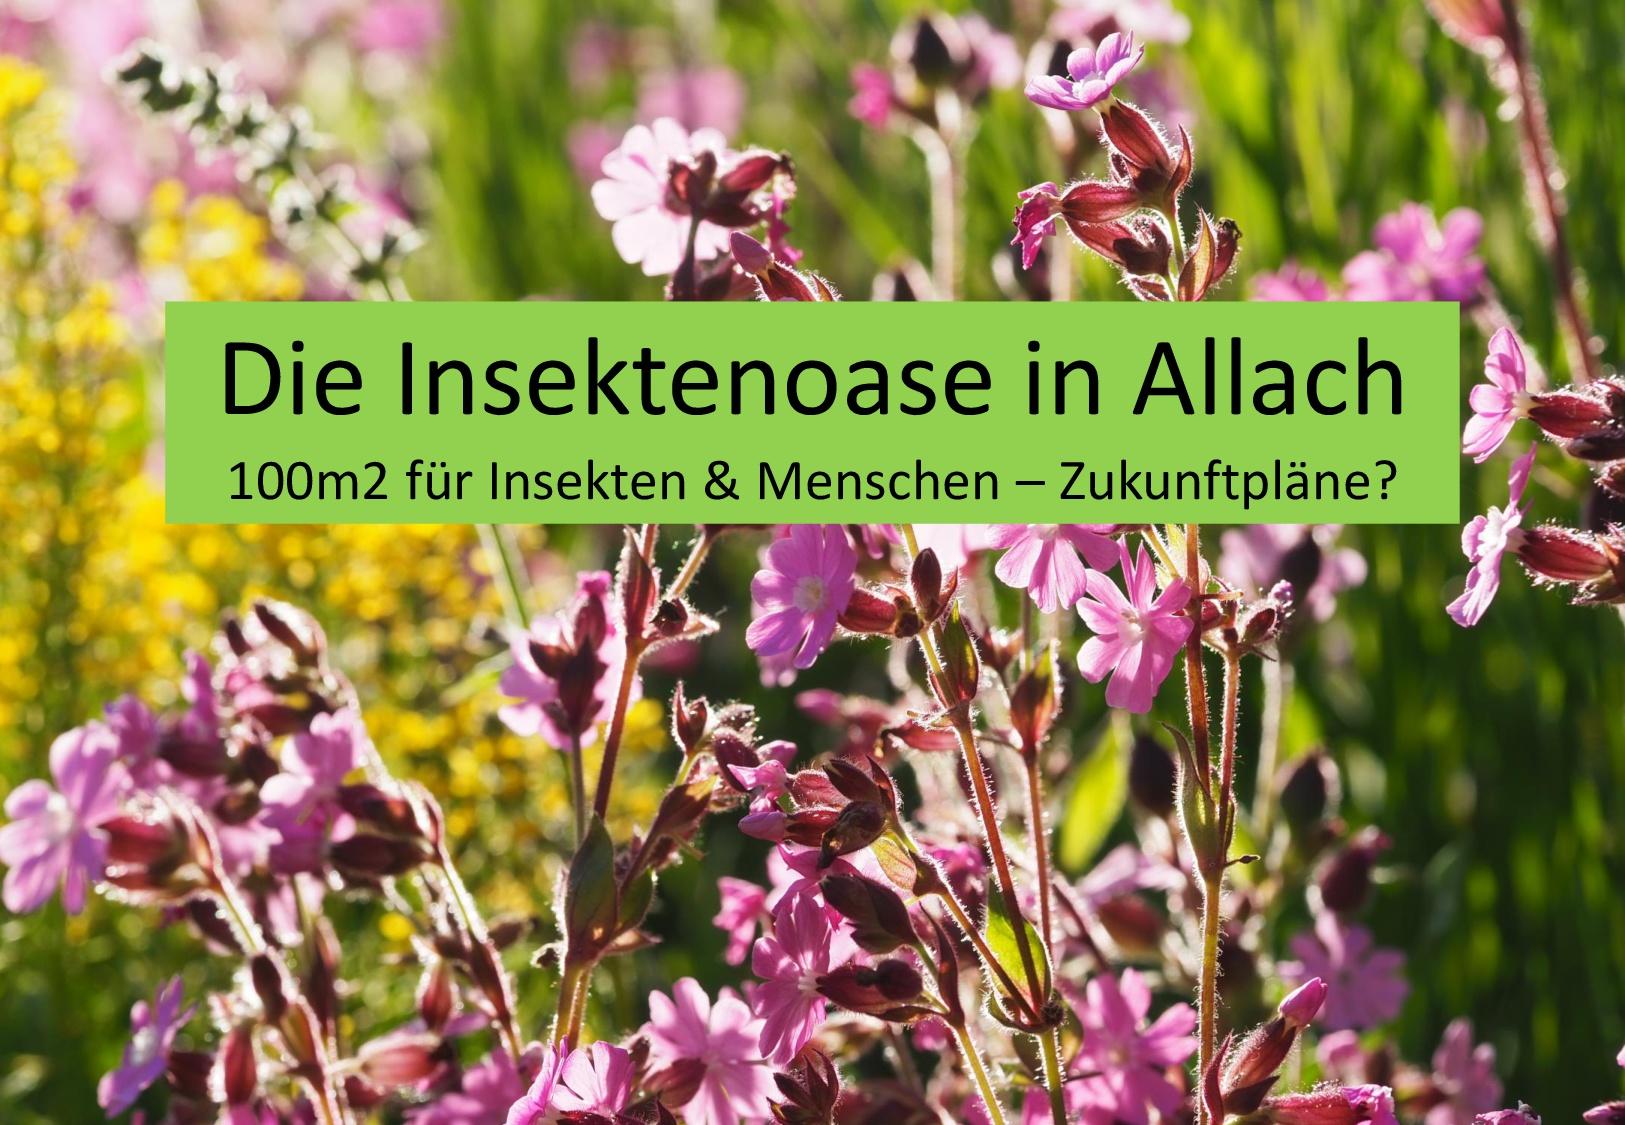 Vorschlag Insektenoase Gartenbau-Seite 2-001